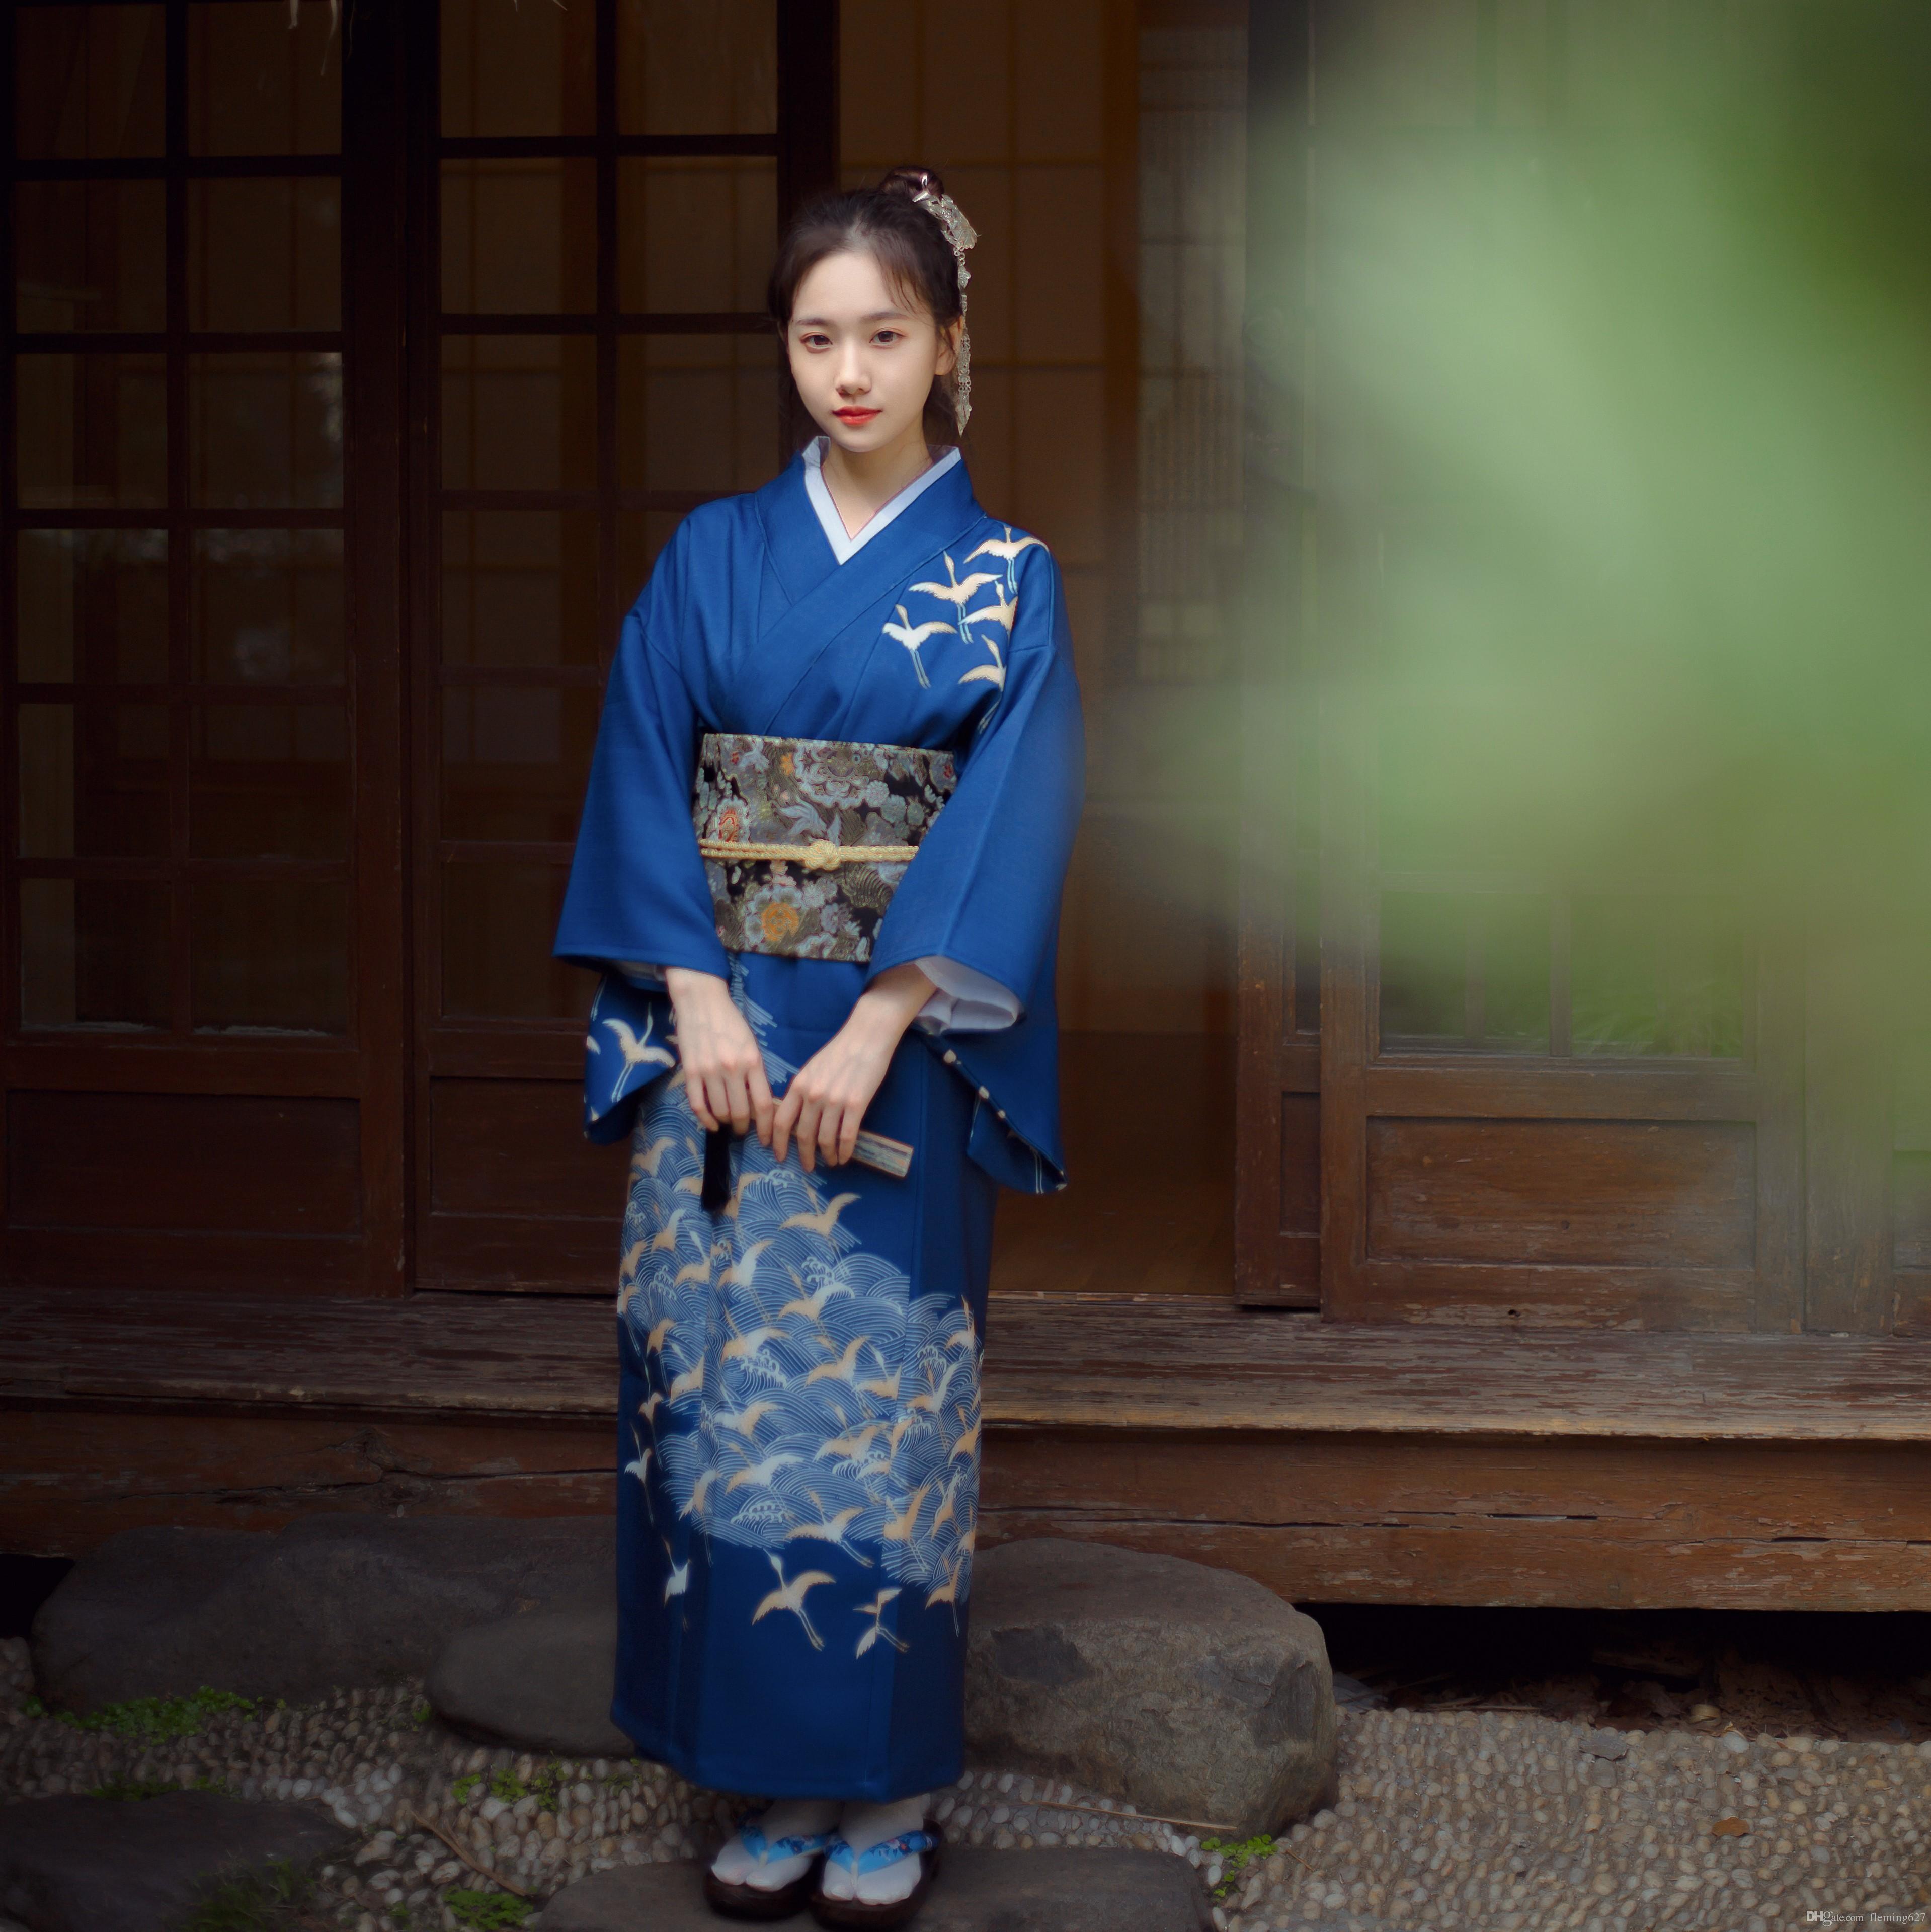 Asia Pacific Islands Ropa Clásico Exótico traje de cosplay japonés nuevo año Vestido de Halloween Yukata Vintage Mujeres Japón Anime Kimono